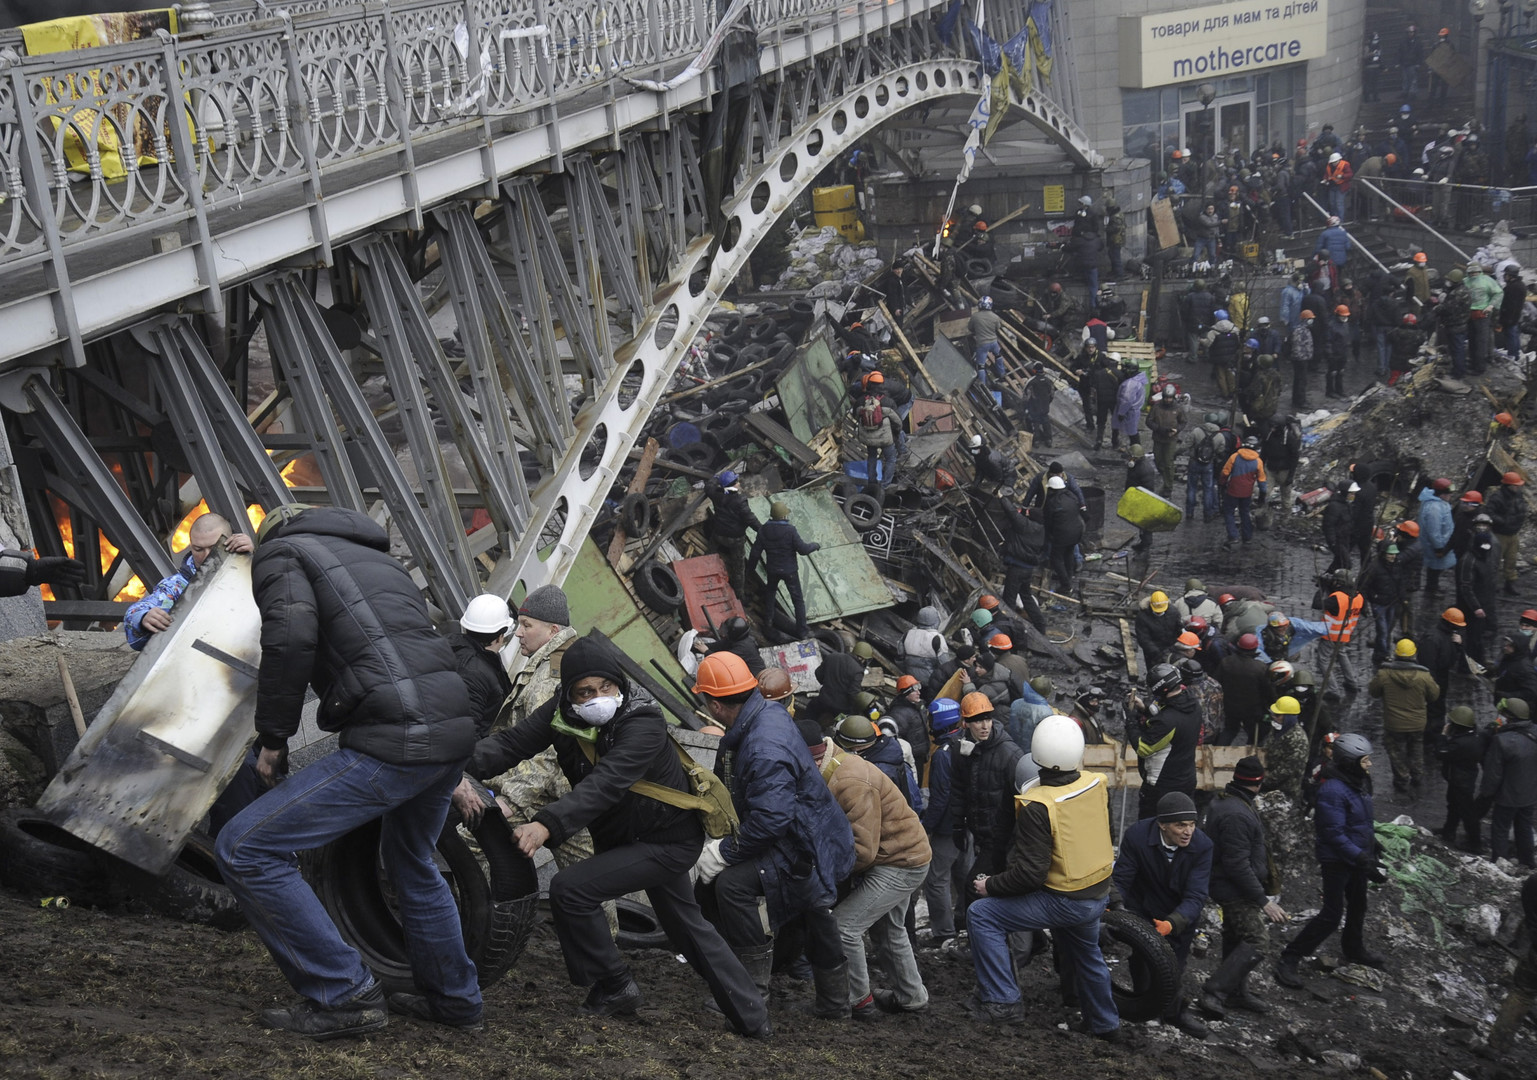 Revolution aus dem Hinterhalt? Mutmaßliche Scharfschützen vom Maidan gestehen ihre Tat